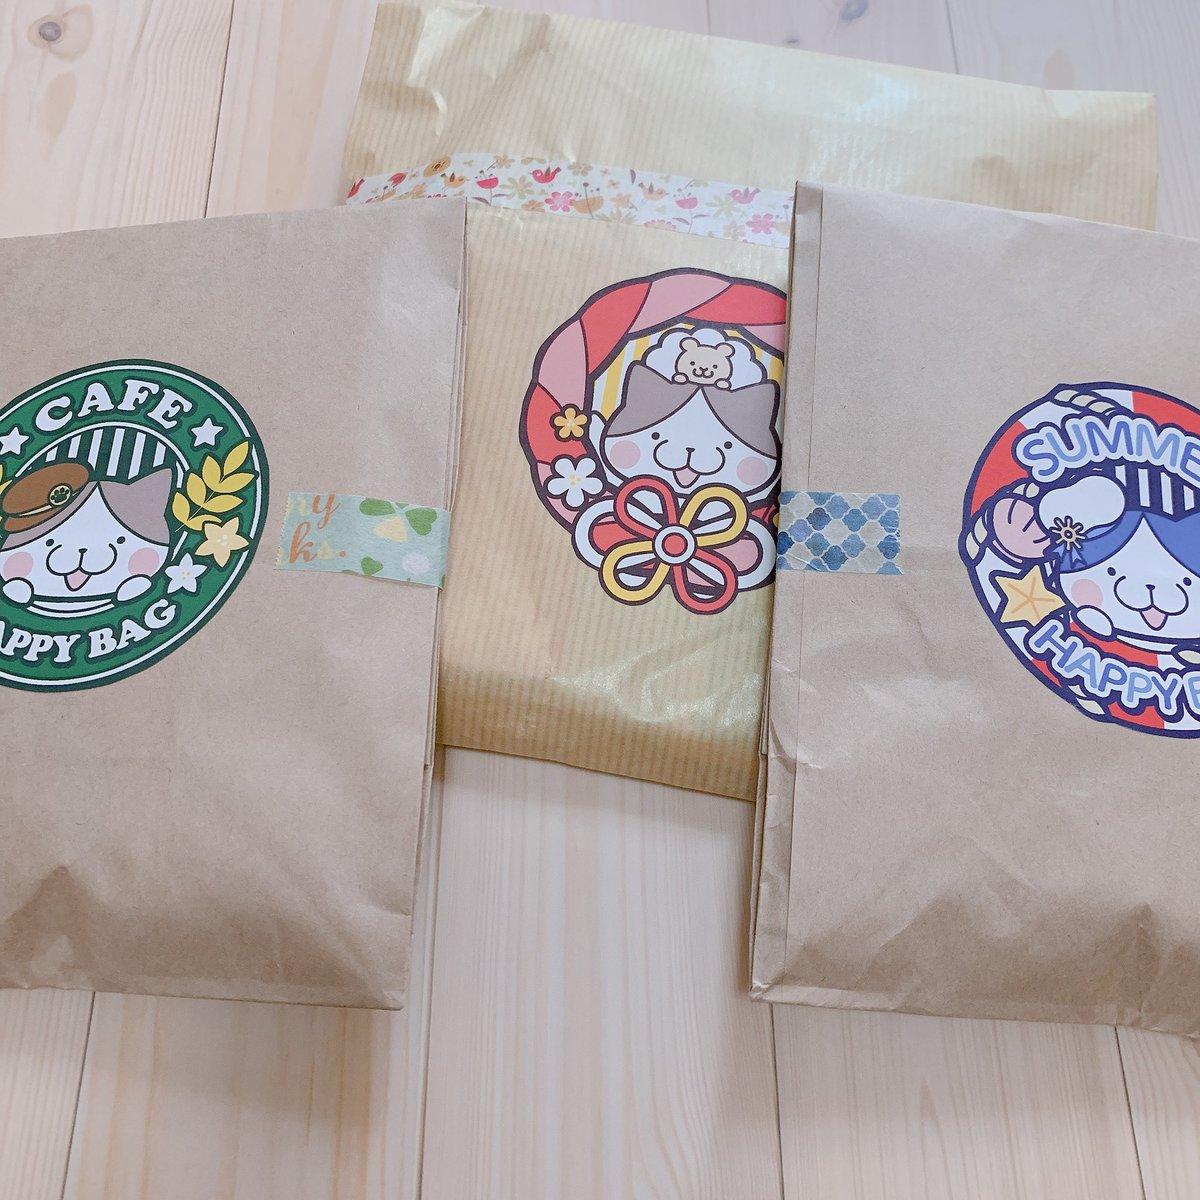 いしだゆいさま(@ishi_kuroda )から福袋お迎えしました! しおんから聞いてえっなにこれかわいい!って即ポチってしまう程にツボでした✨ このお値段でこんなに入ってていいの…!?って震えるほど沢山可愛いが詰まってて幸せ…🥰✨ https://t.co/PnVoEW0N8z